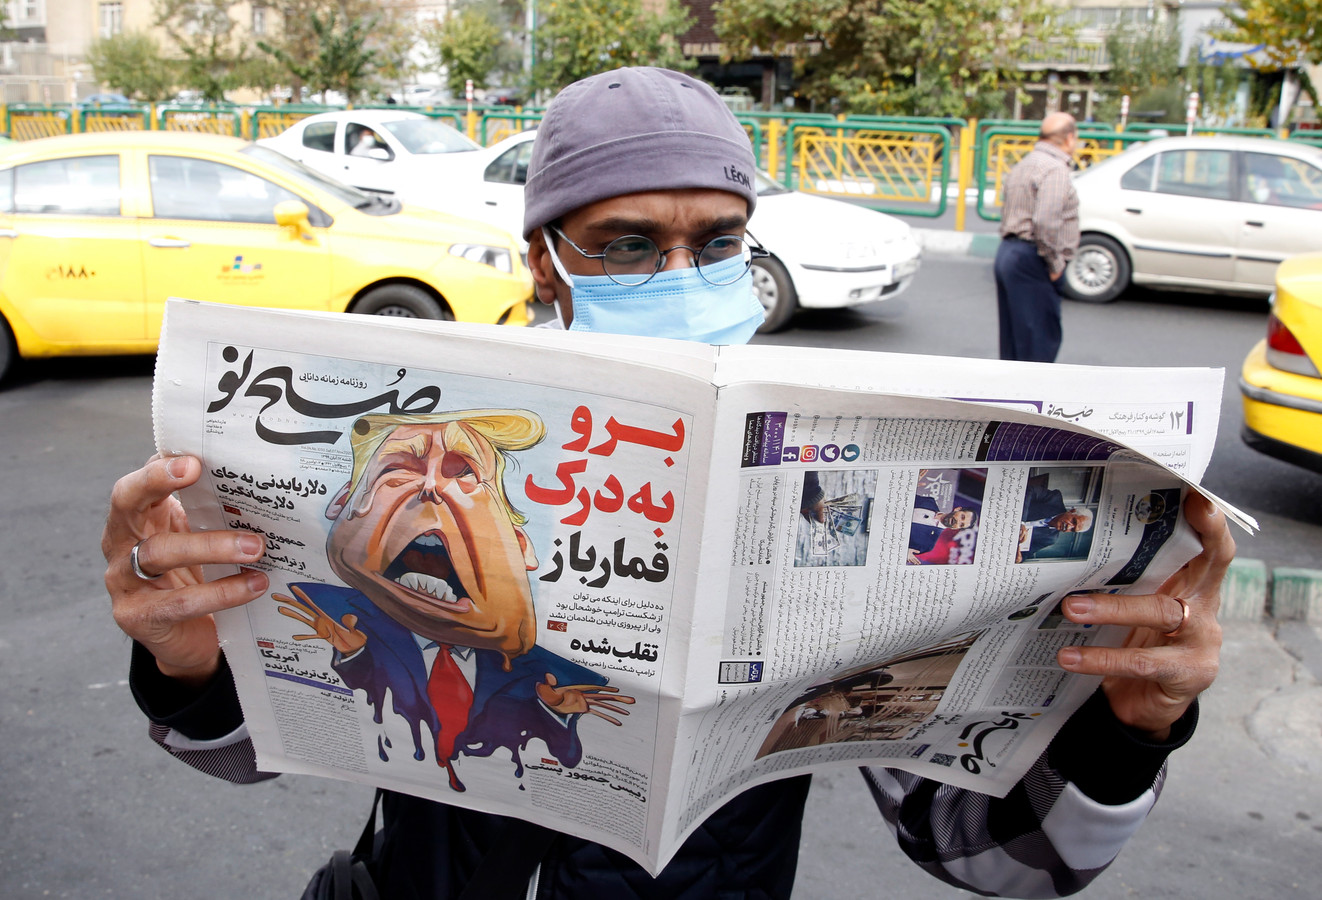 Een man leest een Iraanse krant met daarin een cartoon van president Trump. De kop erboven: 'loop naar de hel, gokker'. Wat zouden wij doen als in Islamitische kranten God zou worden bespot, vraagt een lezer zich af.  EPA/ABEDIN TAHERKENAREH